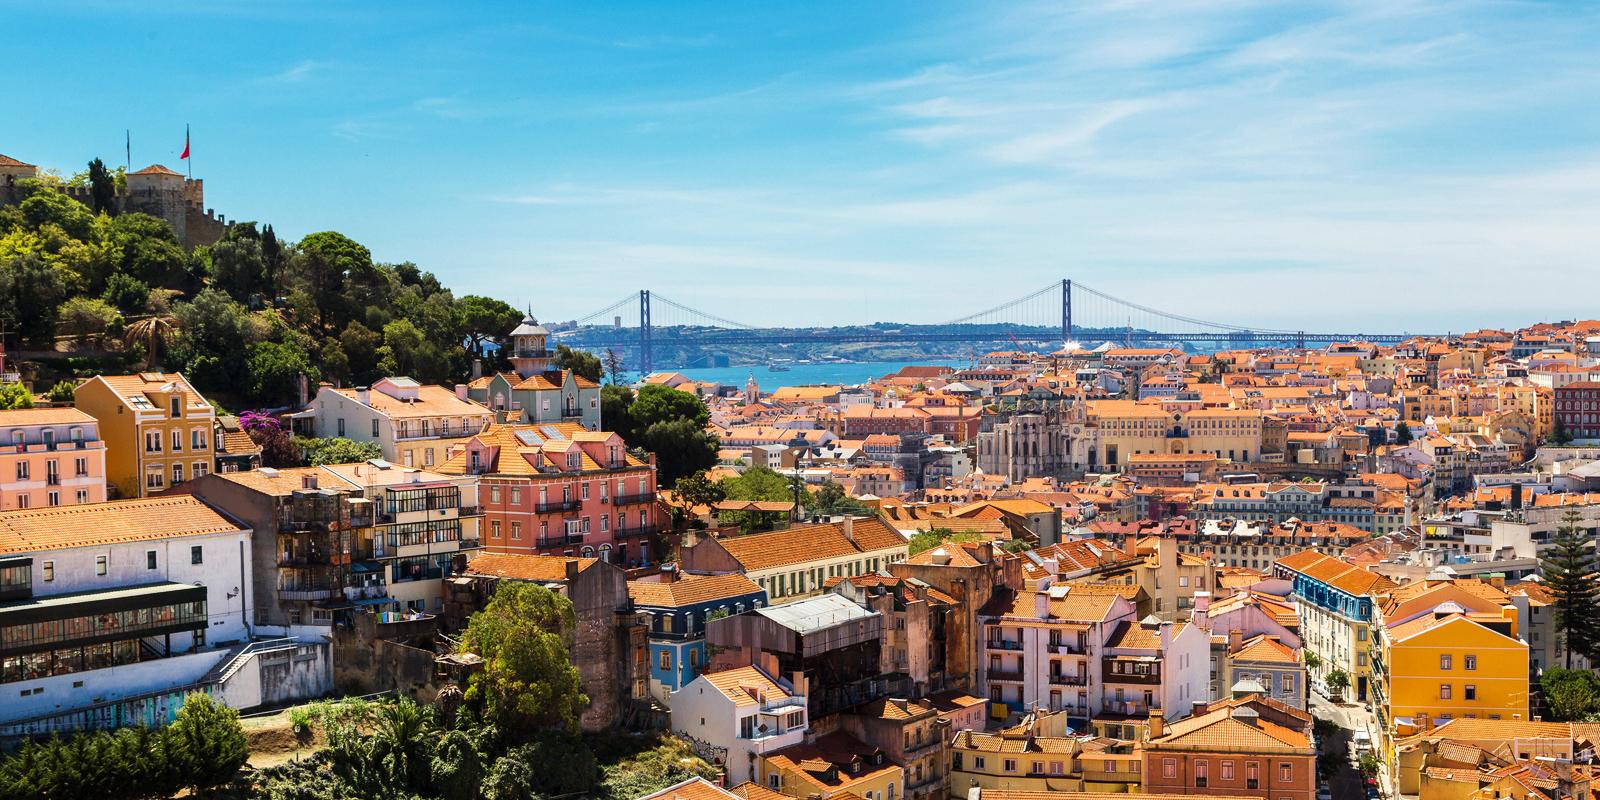 Portekiz Covid-19 İle İlgili Yeni Bir Seyahat Sigortası Programı Başlatıyor